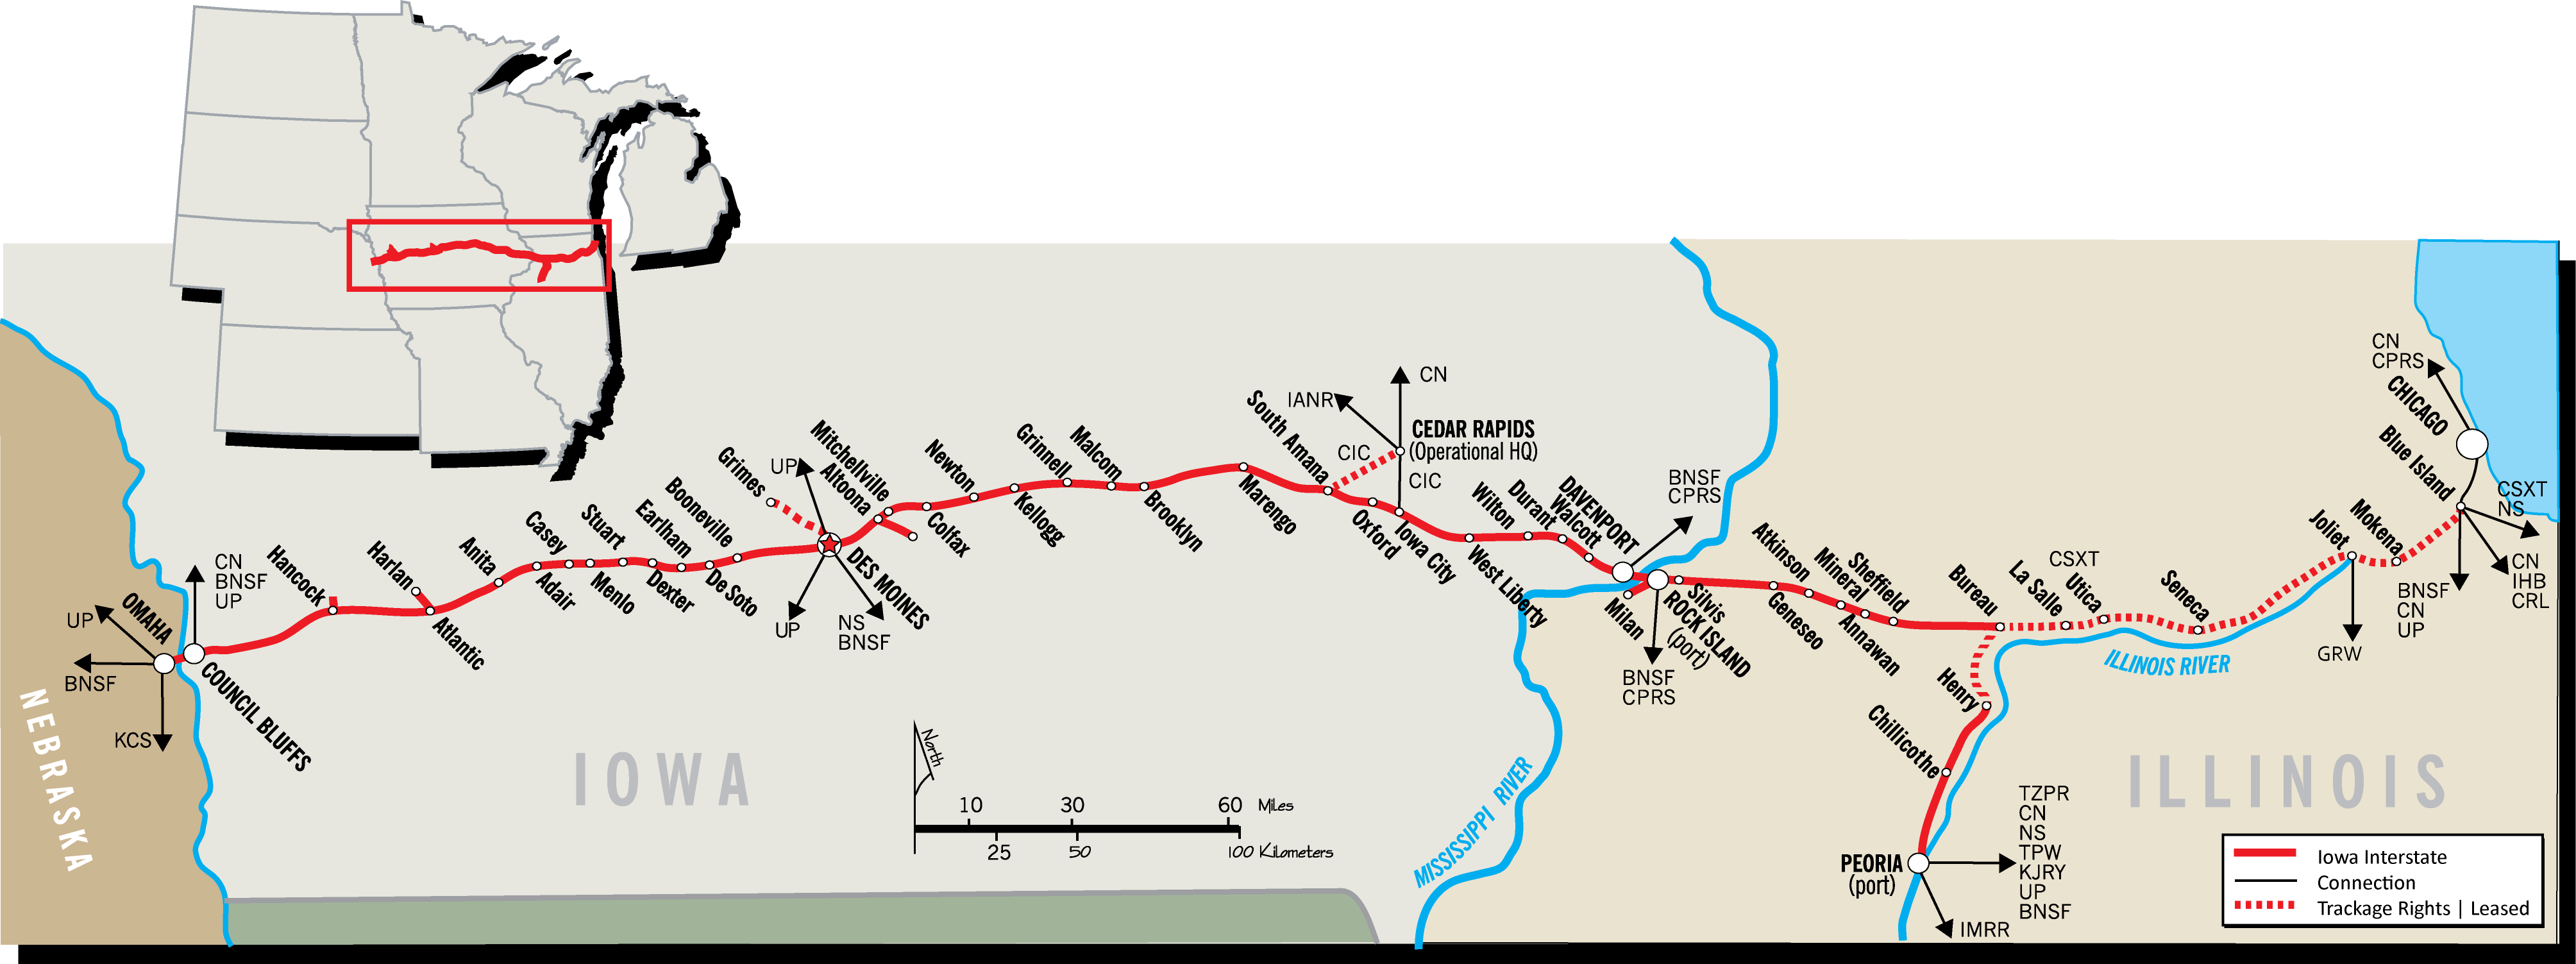 System Map - Iowa Interstate Railroad, Ltd.